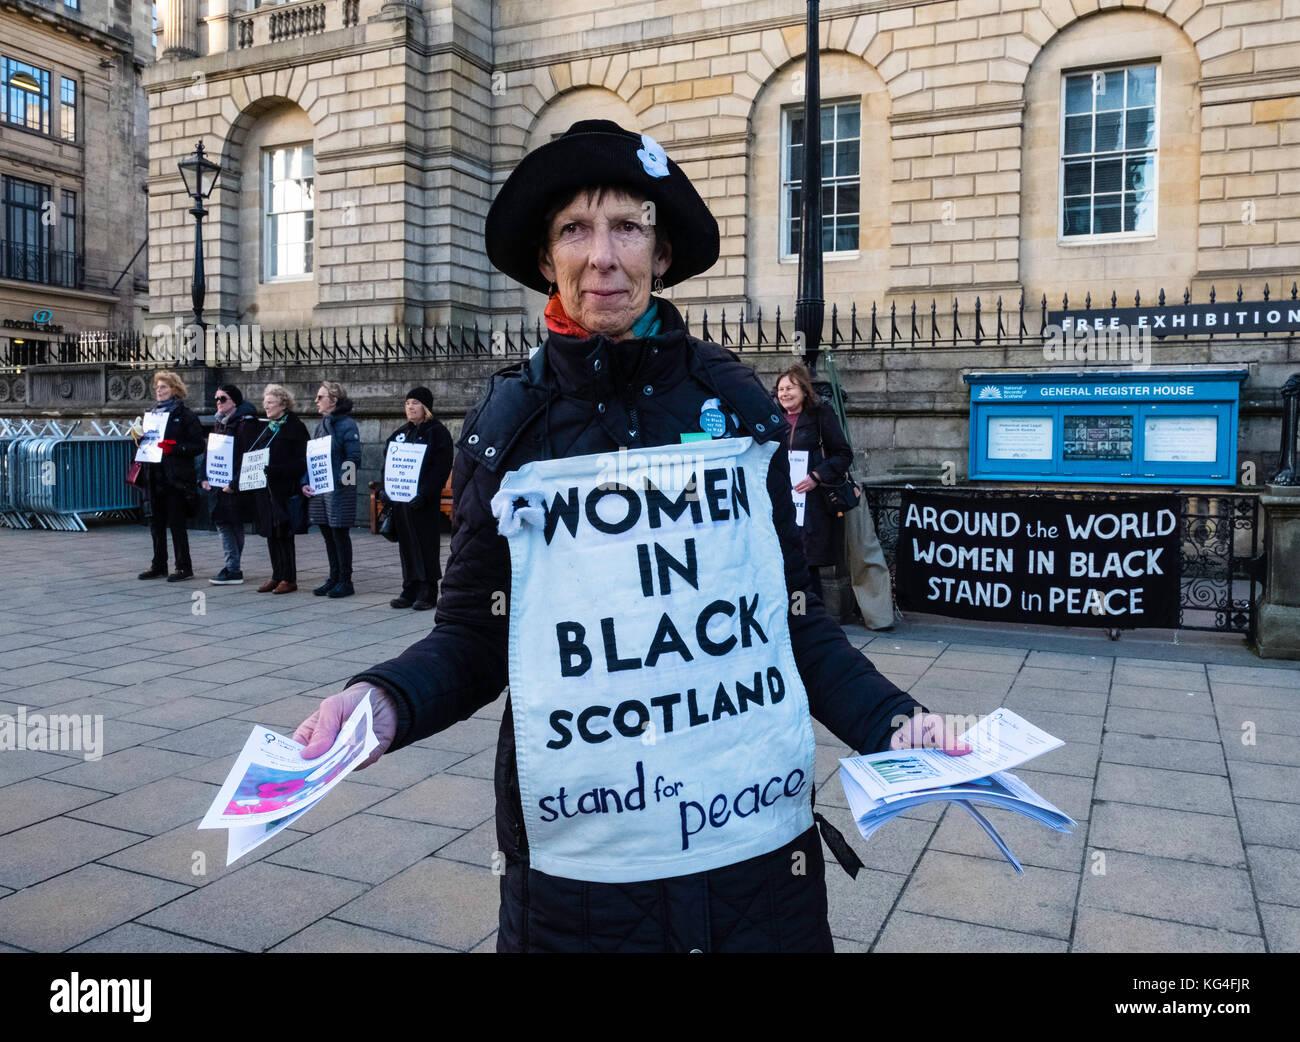 Edinburgh, Schottland, Vereinigtes Königreich. 04. Nov. 2017. Weibliche pazifistische Gruppe der Frauen in Stockbild